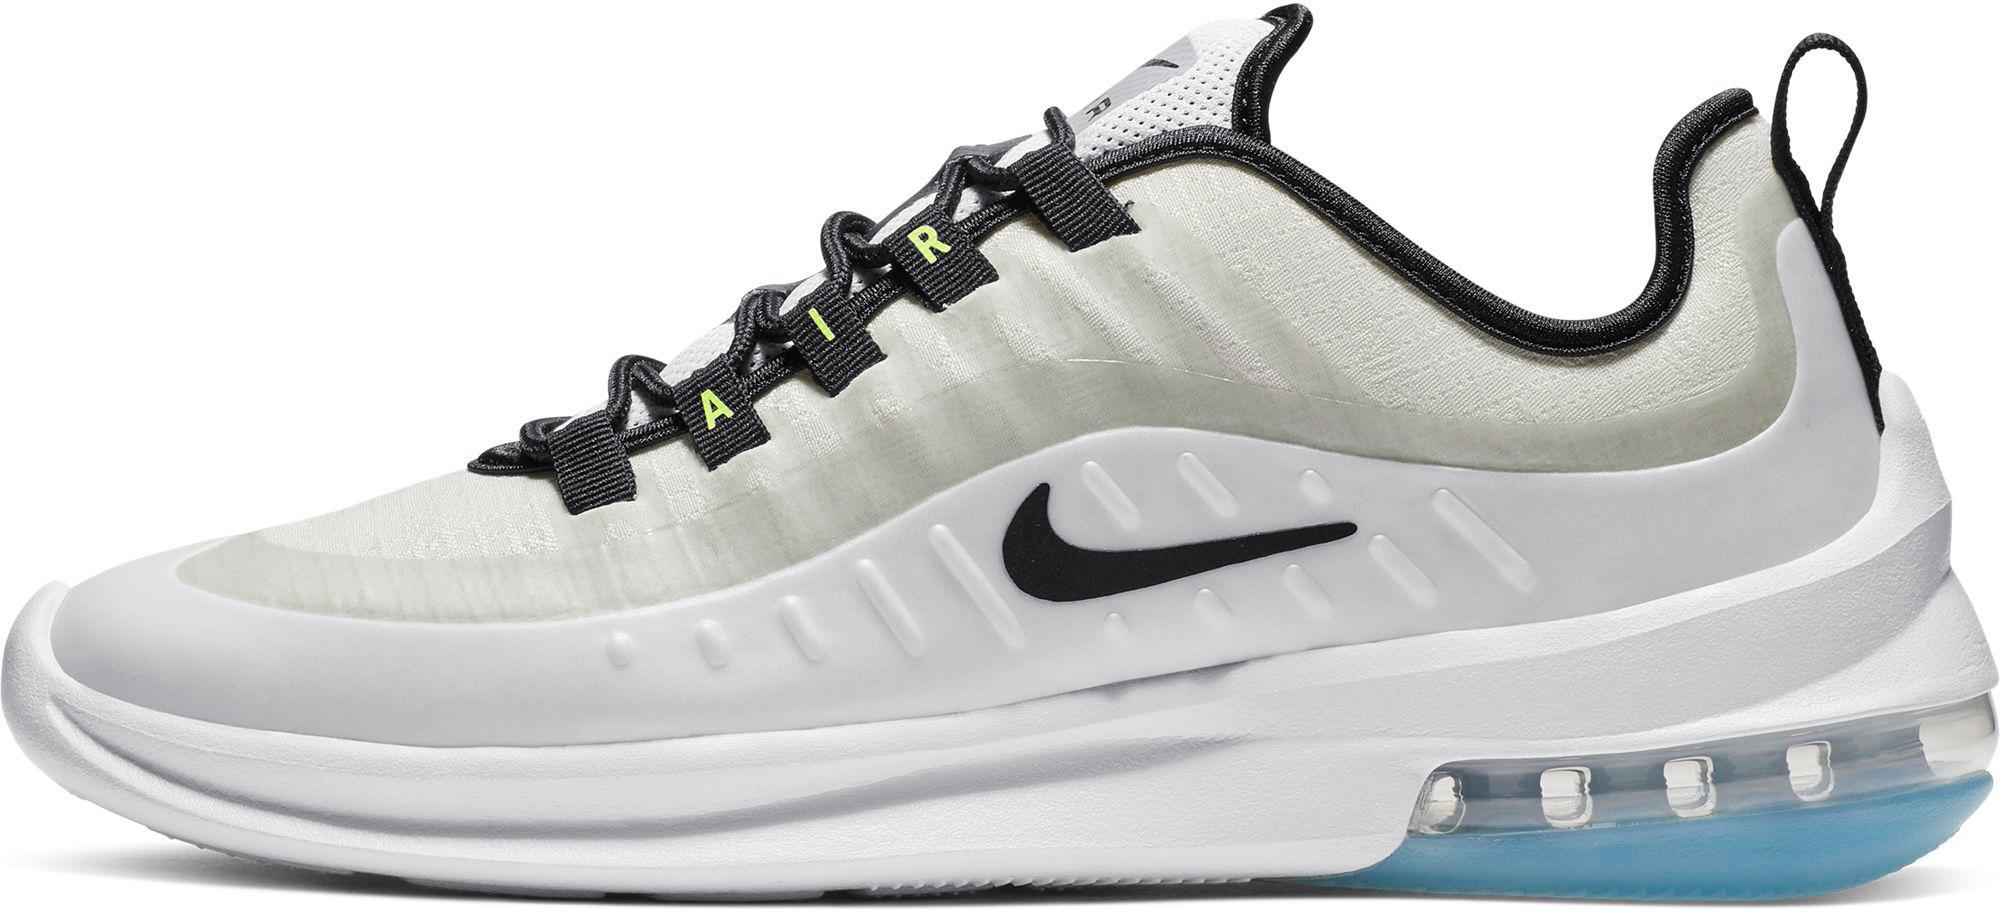 Nike Nike Nike Air Max Axis PREM Turnschuhe Herren Weiß-schwarz-aluminum im Online Shop von SportScheck kaufen Gute Qualität beliebte Schuhe 20a648